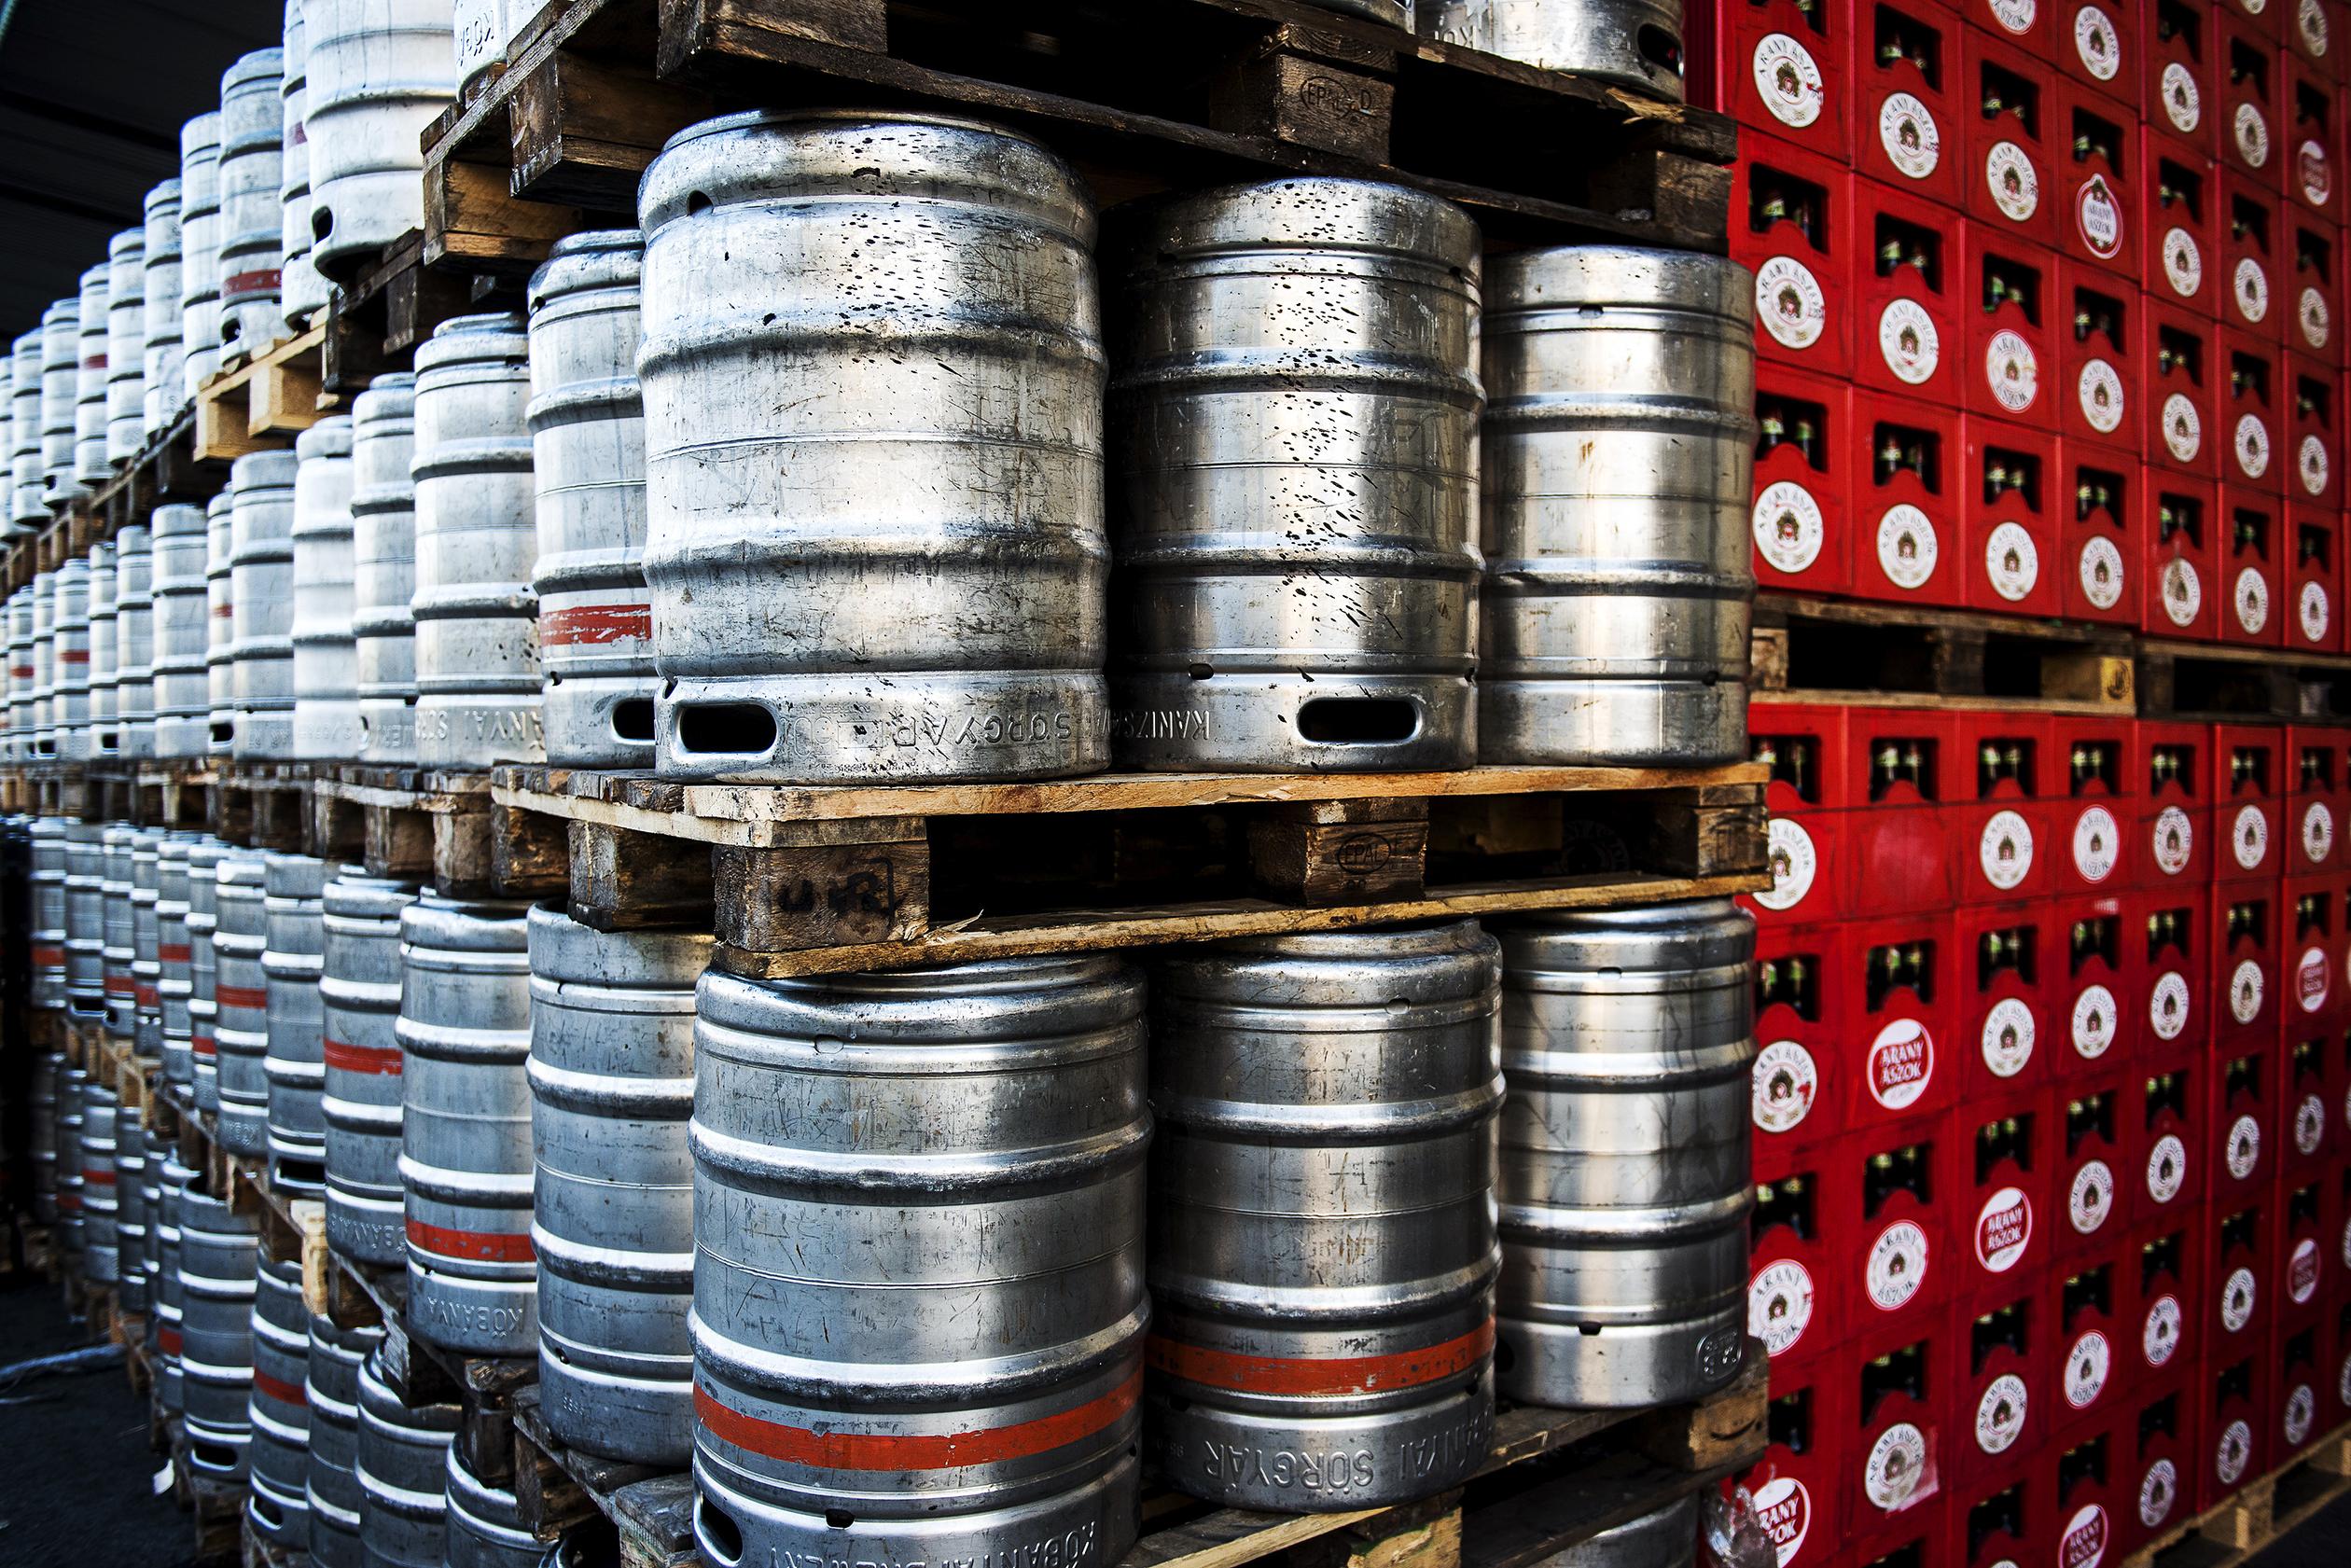 Inside The SABMiller Plc Dreher Brewery As Anheuser-Busch InBev NV Formal Takeover Deadline Extended